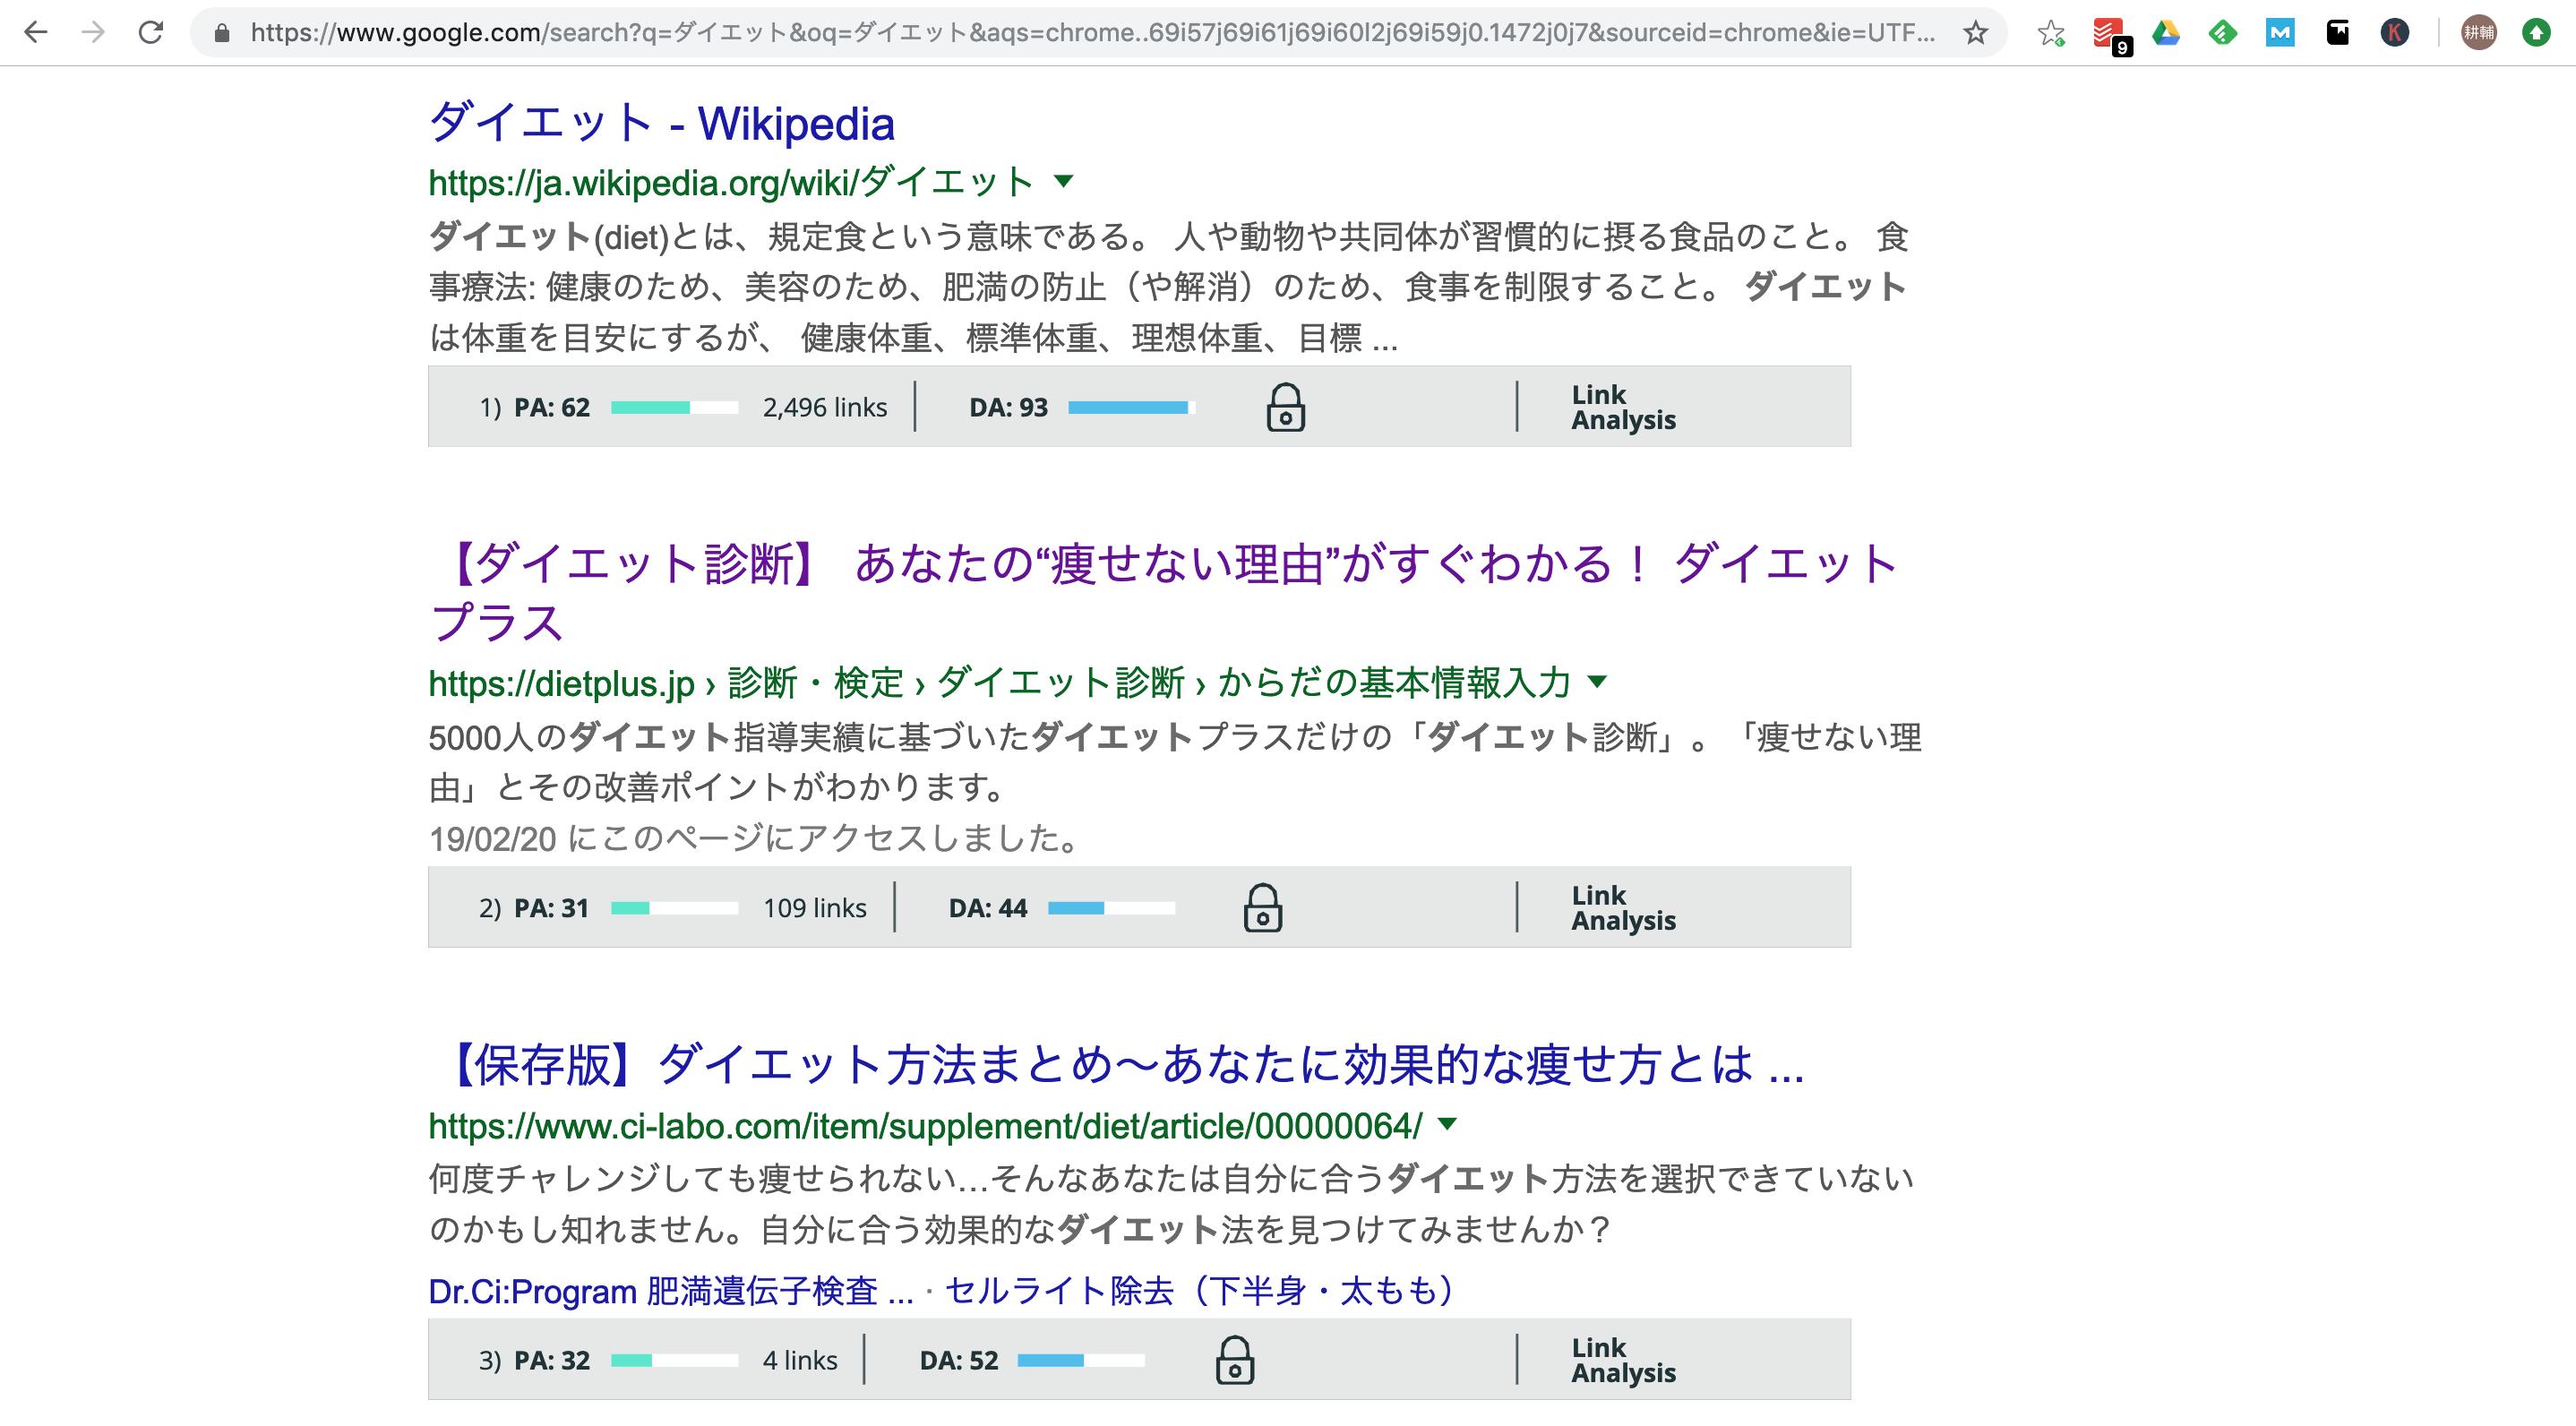 MozBar 検索